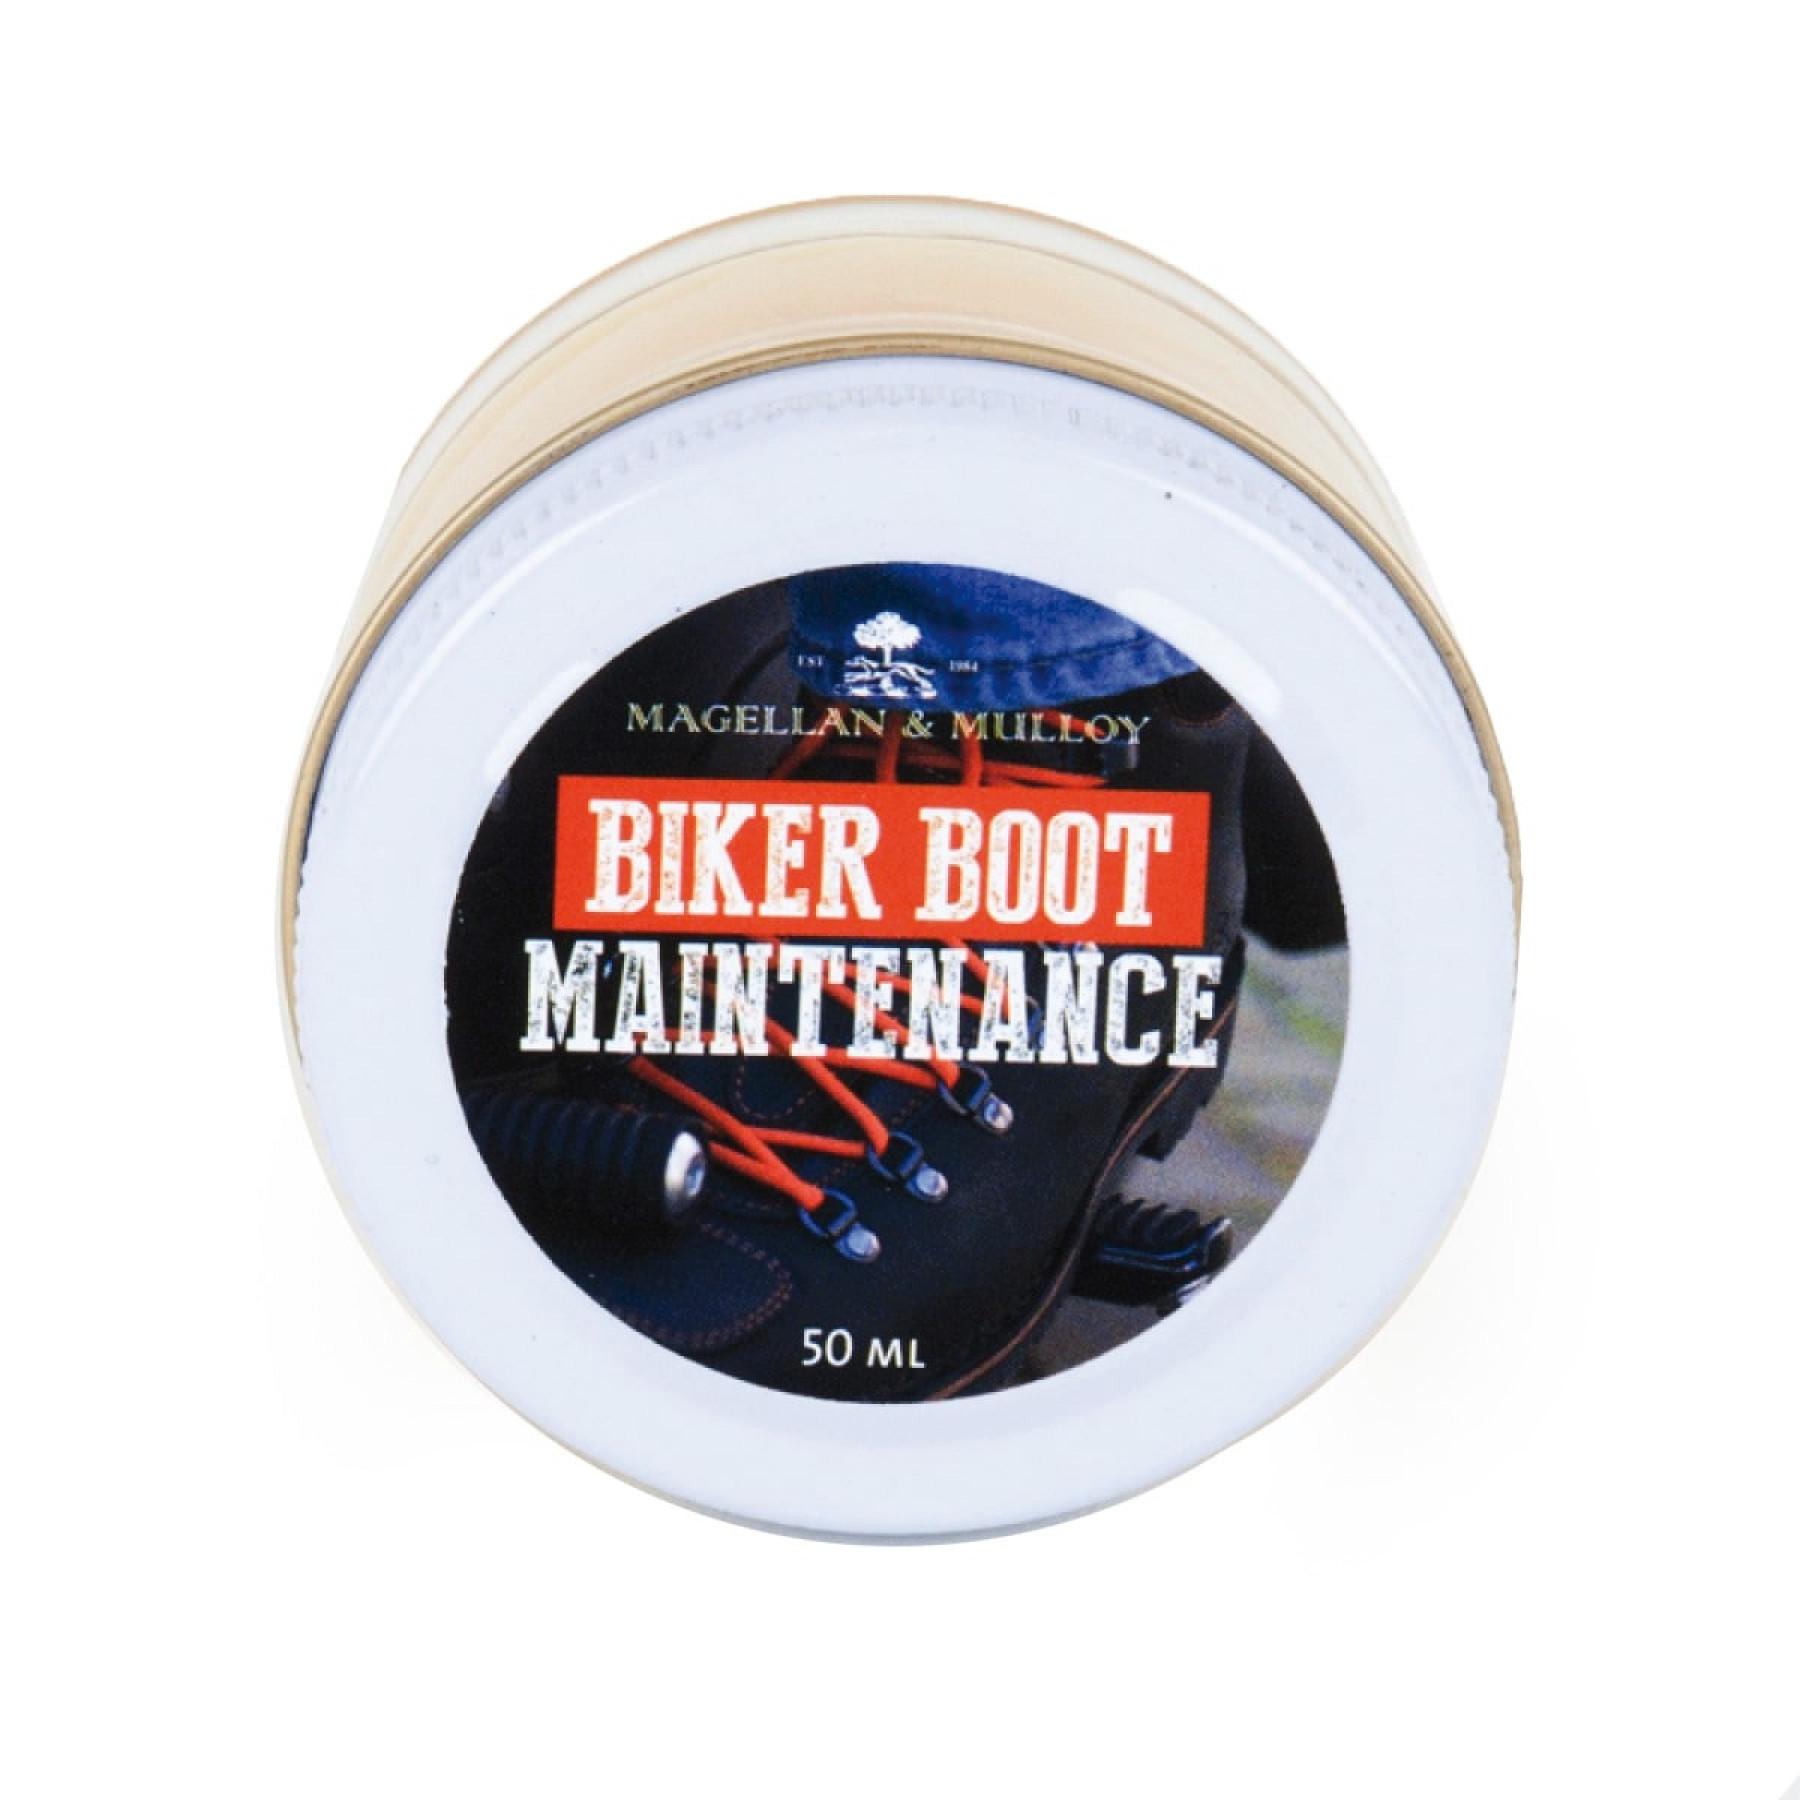 Biker Boot Maintenance, 50ml, 2 pieces